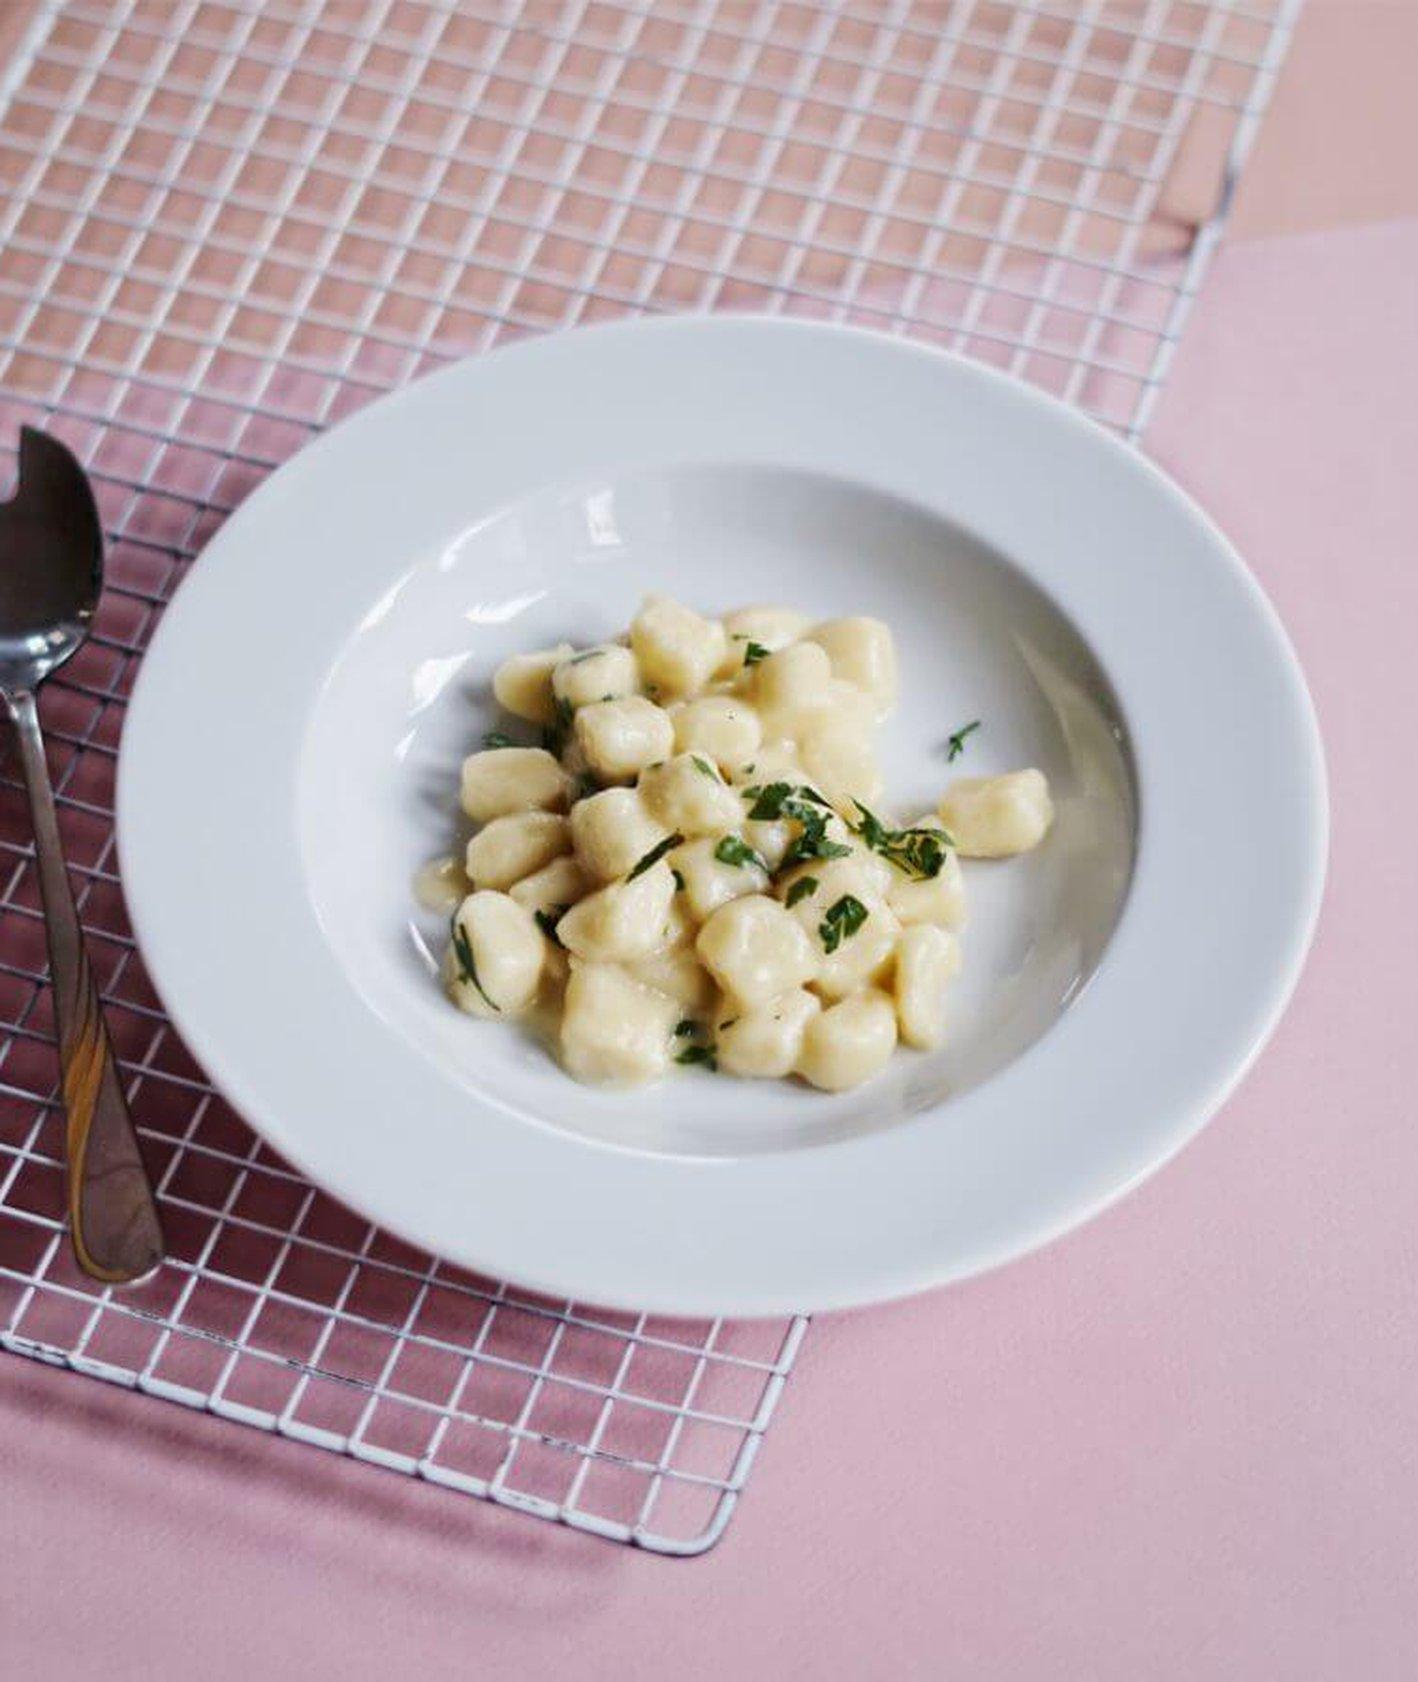 włoskie gnocchi, gnocchi, kluski, kluski w europie, przewodnik kulinarny po europie, jakie kluski w europie, kuchnia włoska